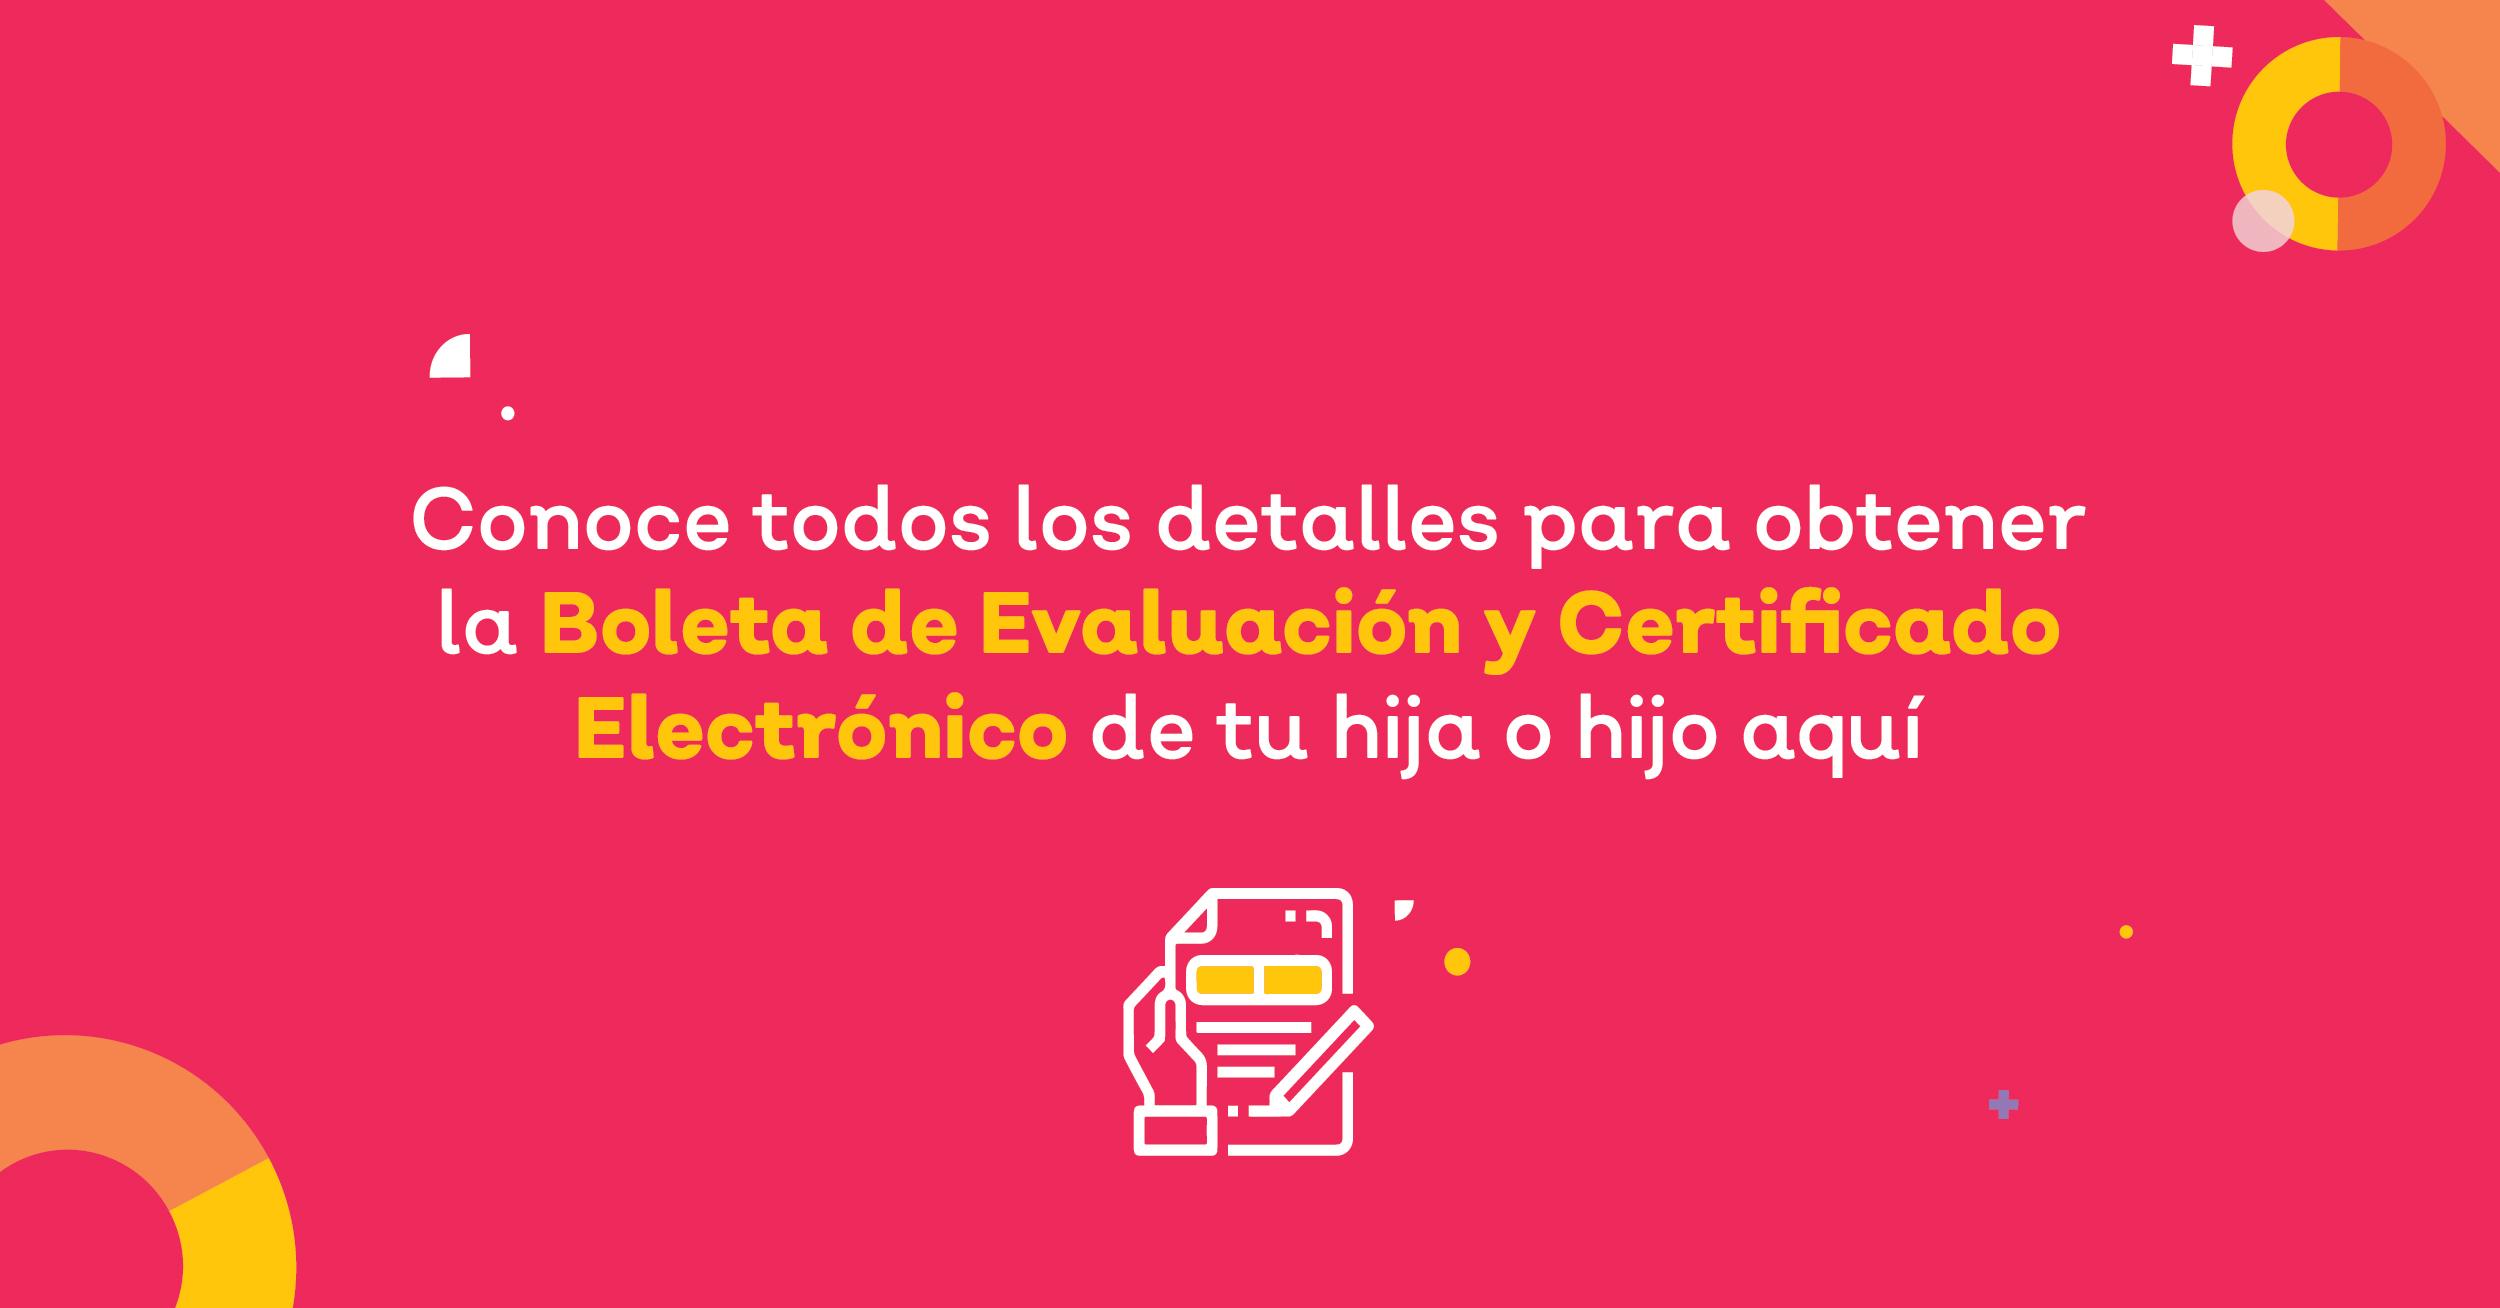 Este año, las Boletas de Evaluación y los Certificados se entregan de manera electrónica